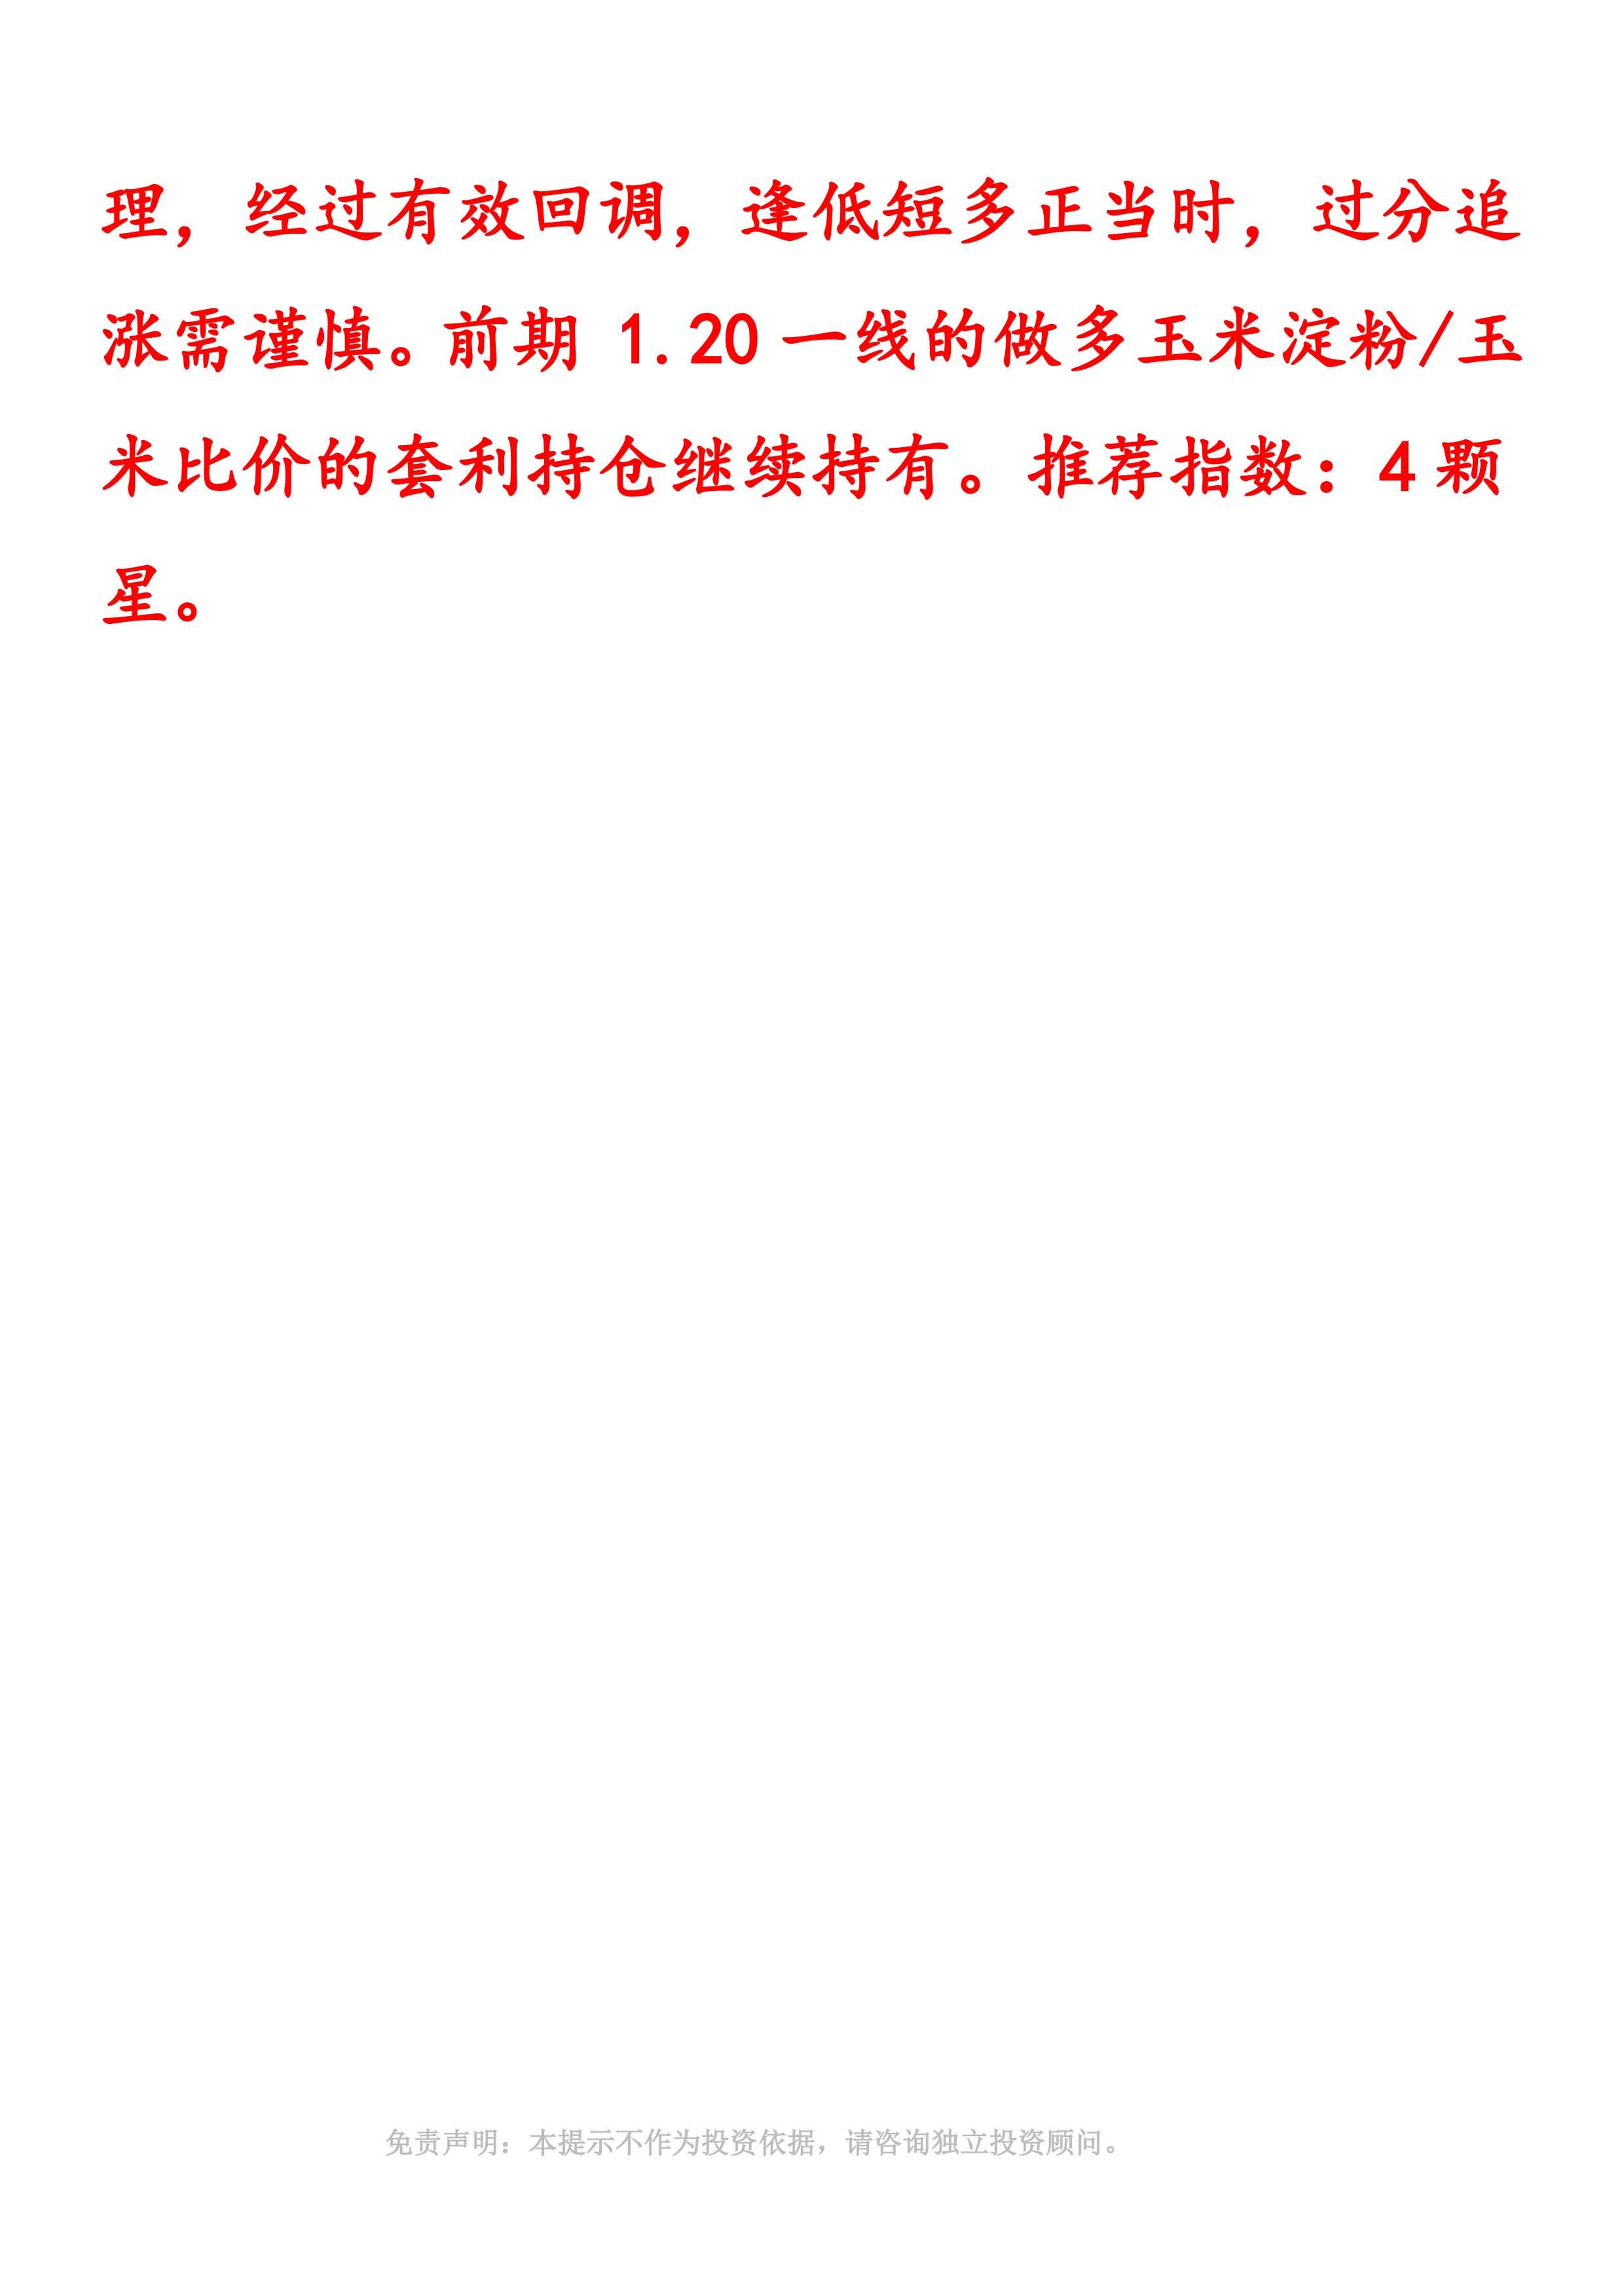 【易胜博金策略】-20181113-玉米、淀粉-2.jpg